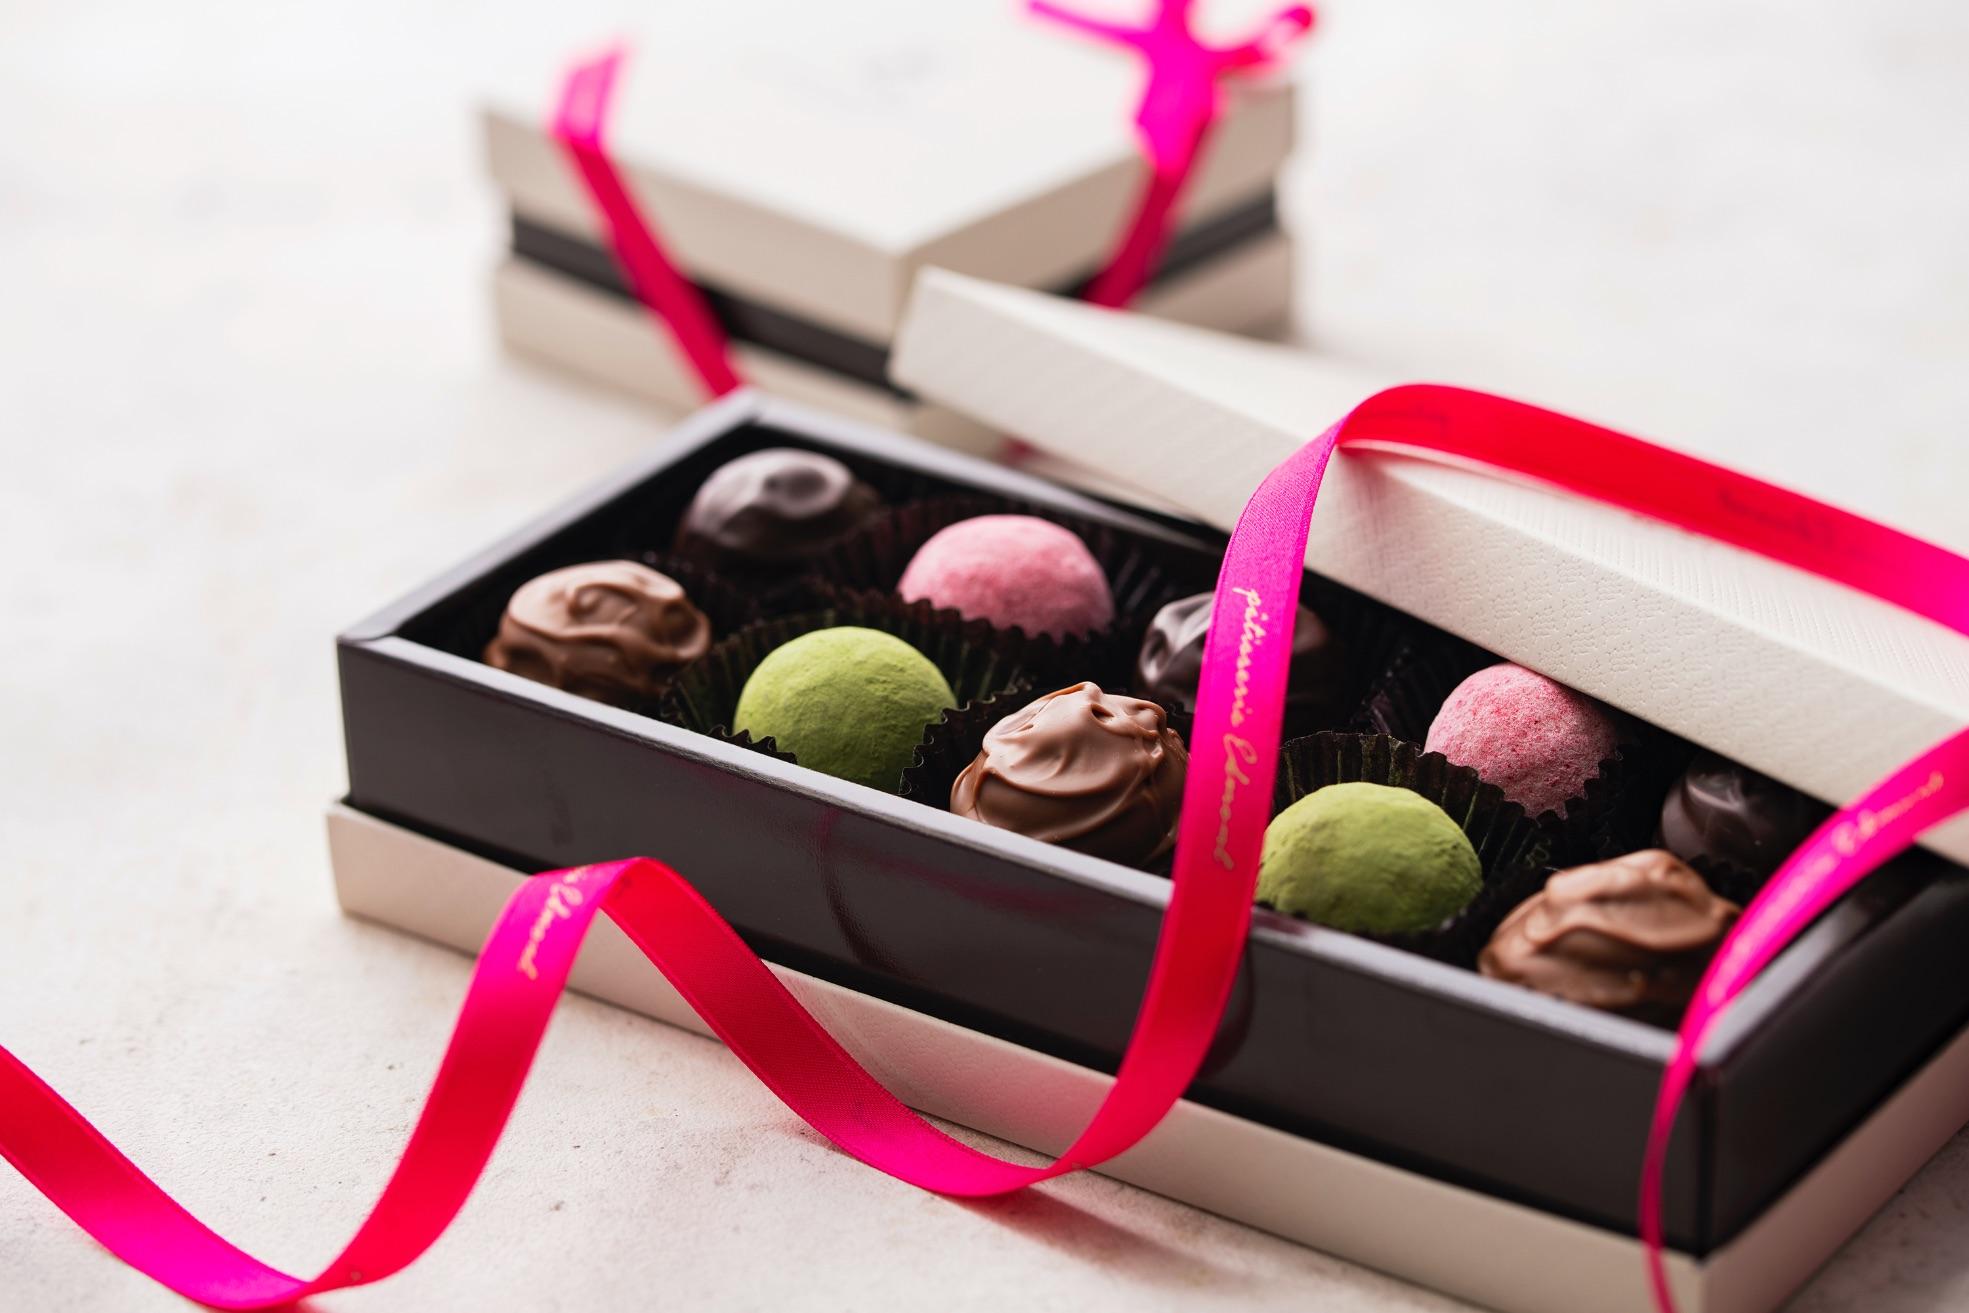 ホテルメトロポリタン エドモントValentine's Chocolates 甜點